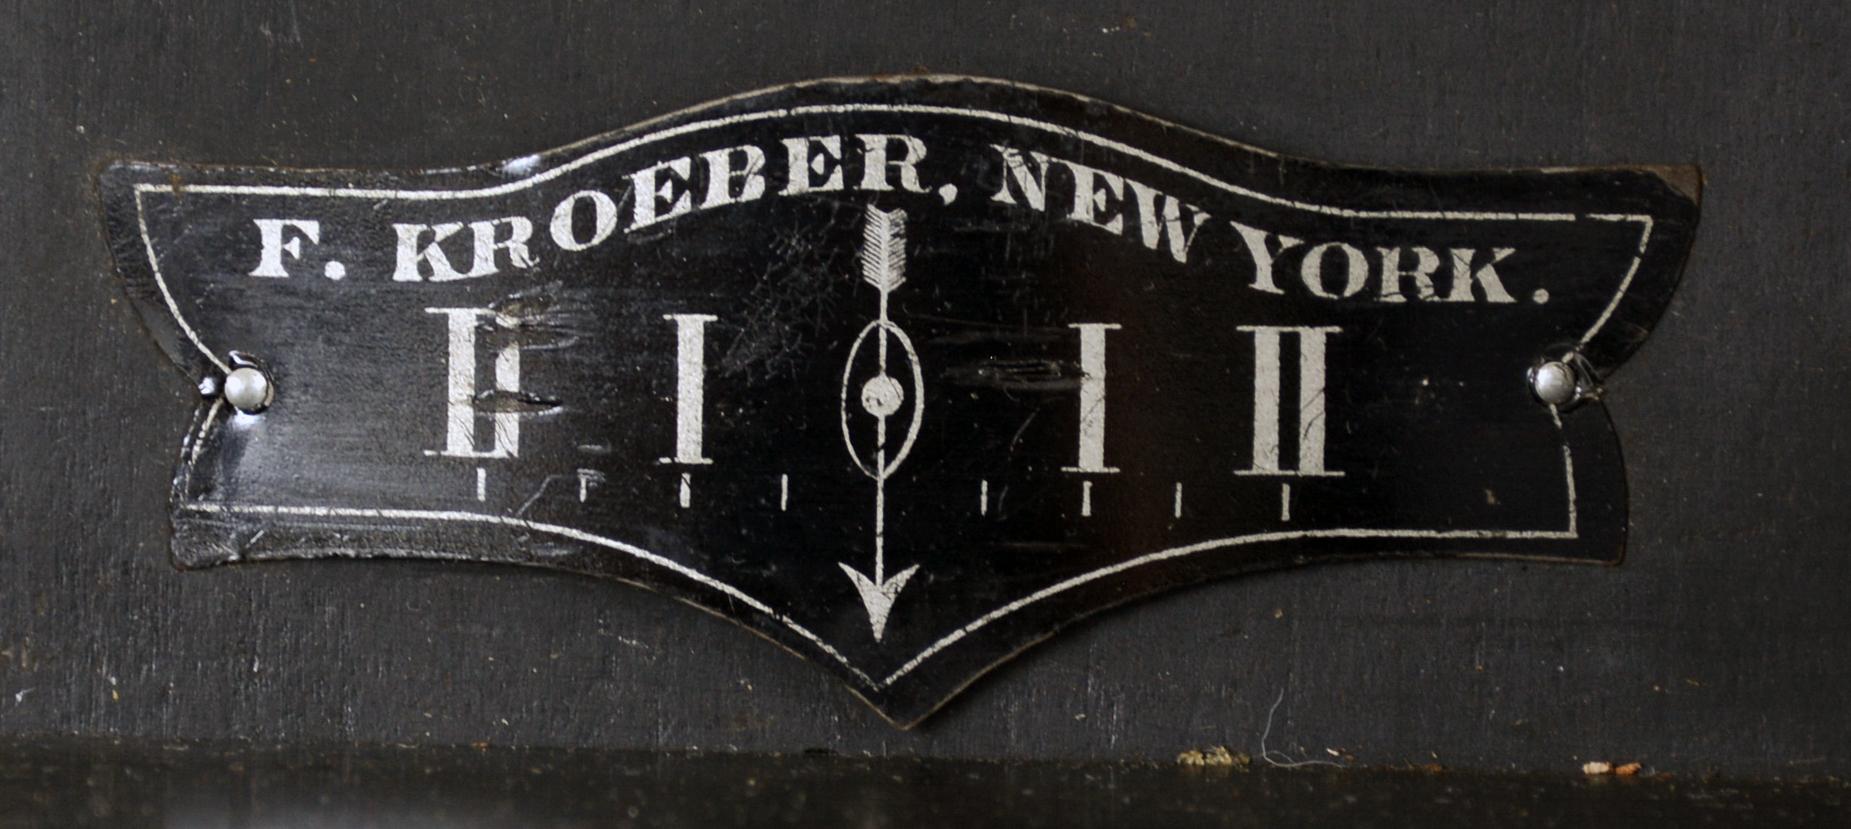 17747_03.jpg